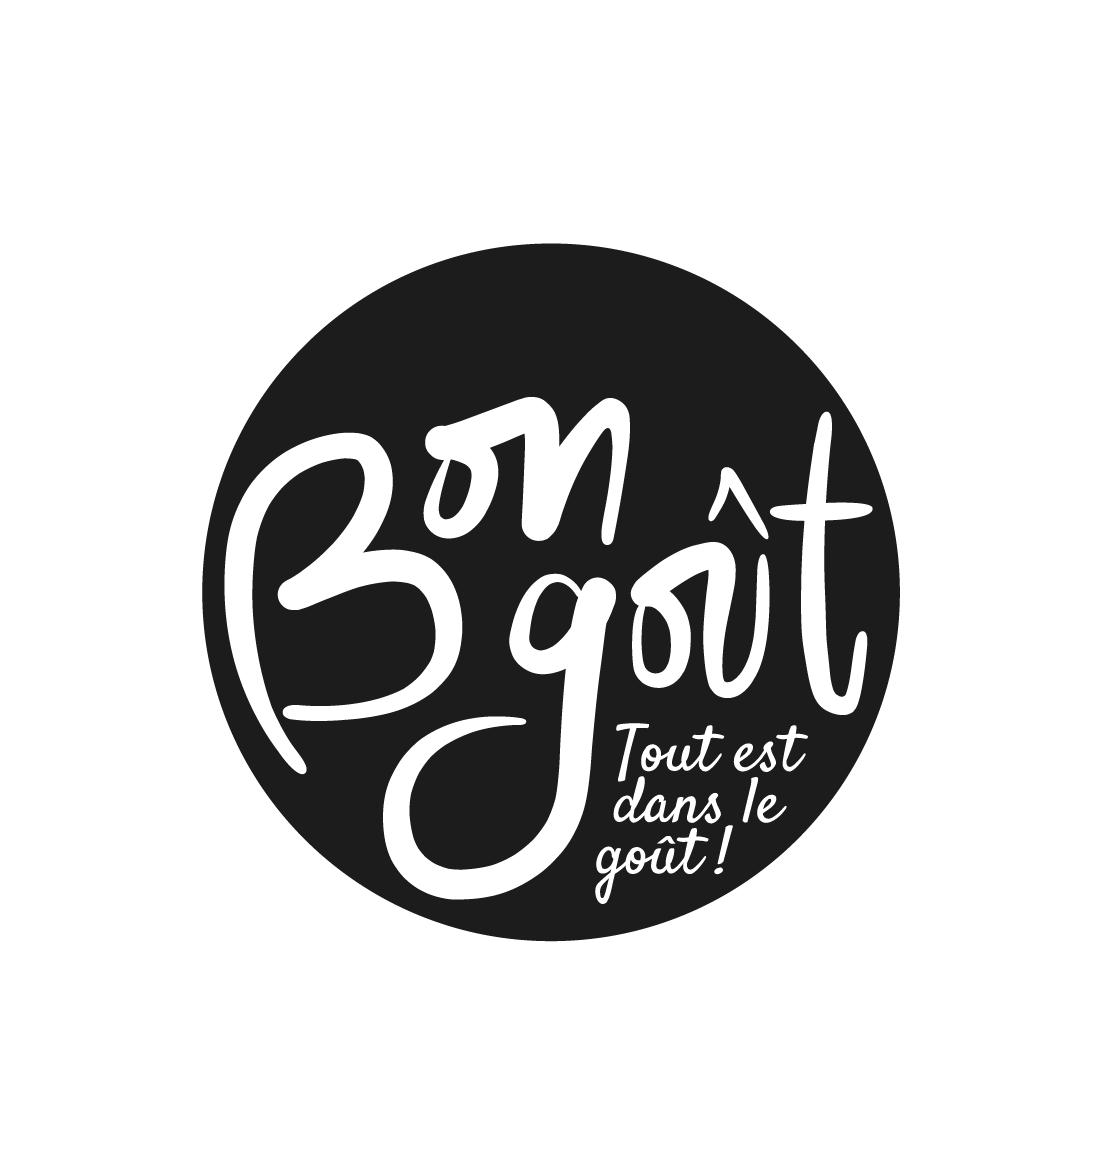 17 logo emblem